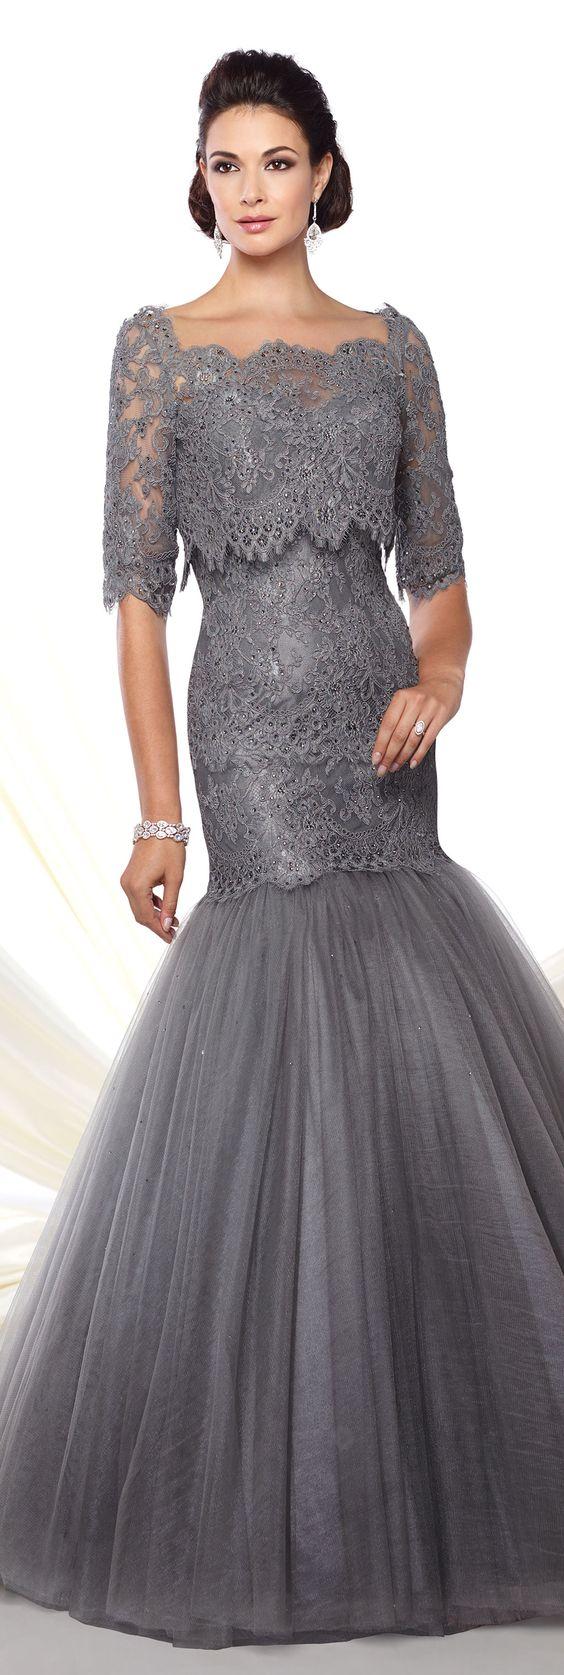 37a80353a Diseños de Vestidos para la Mamá de la Quinceañera